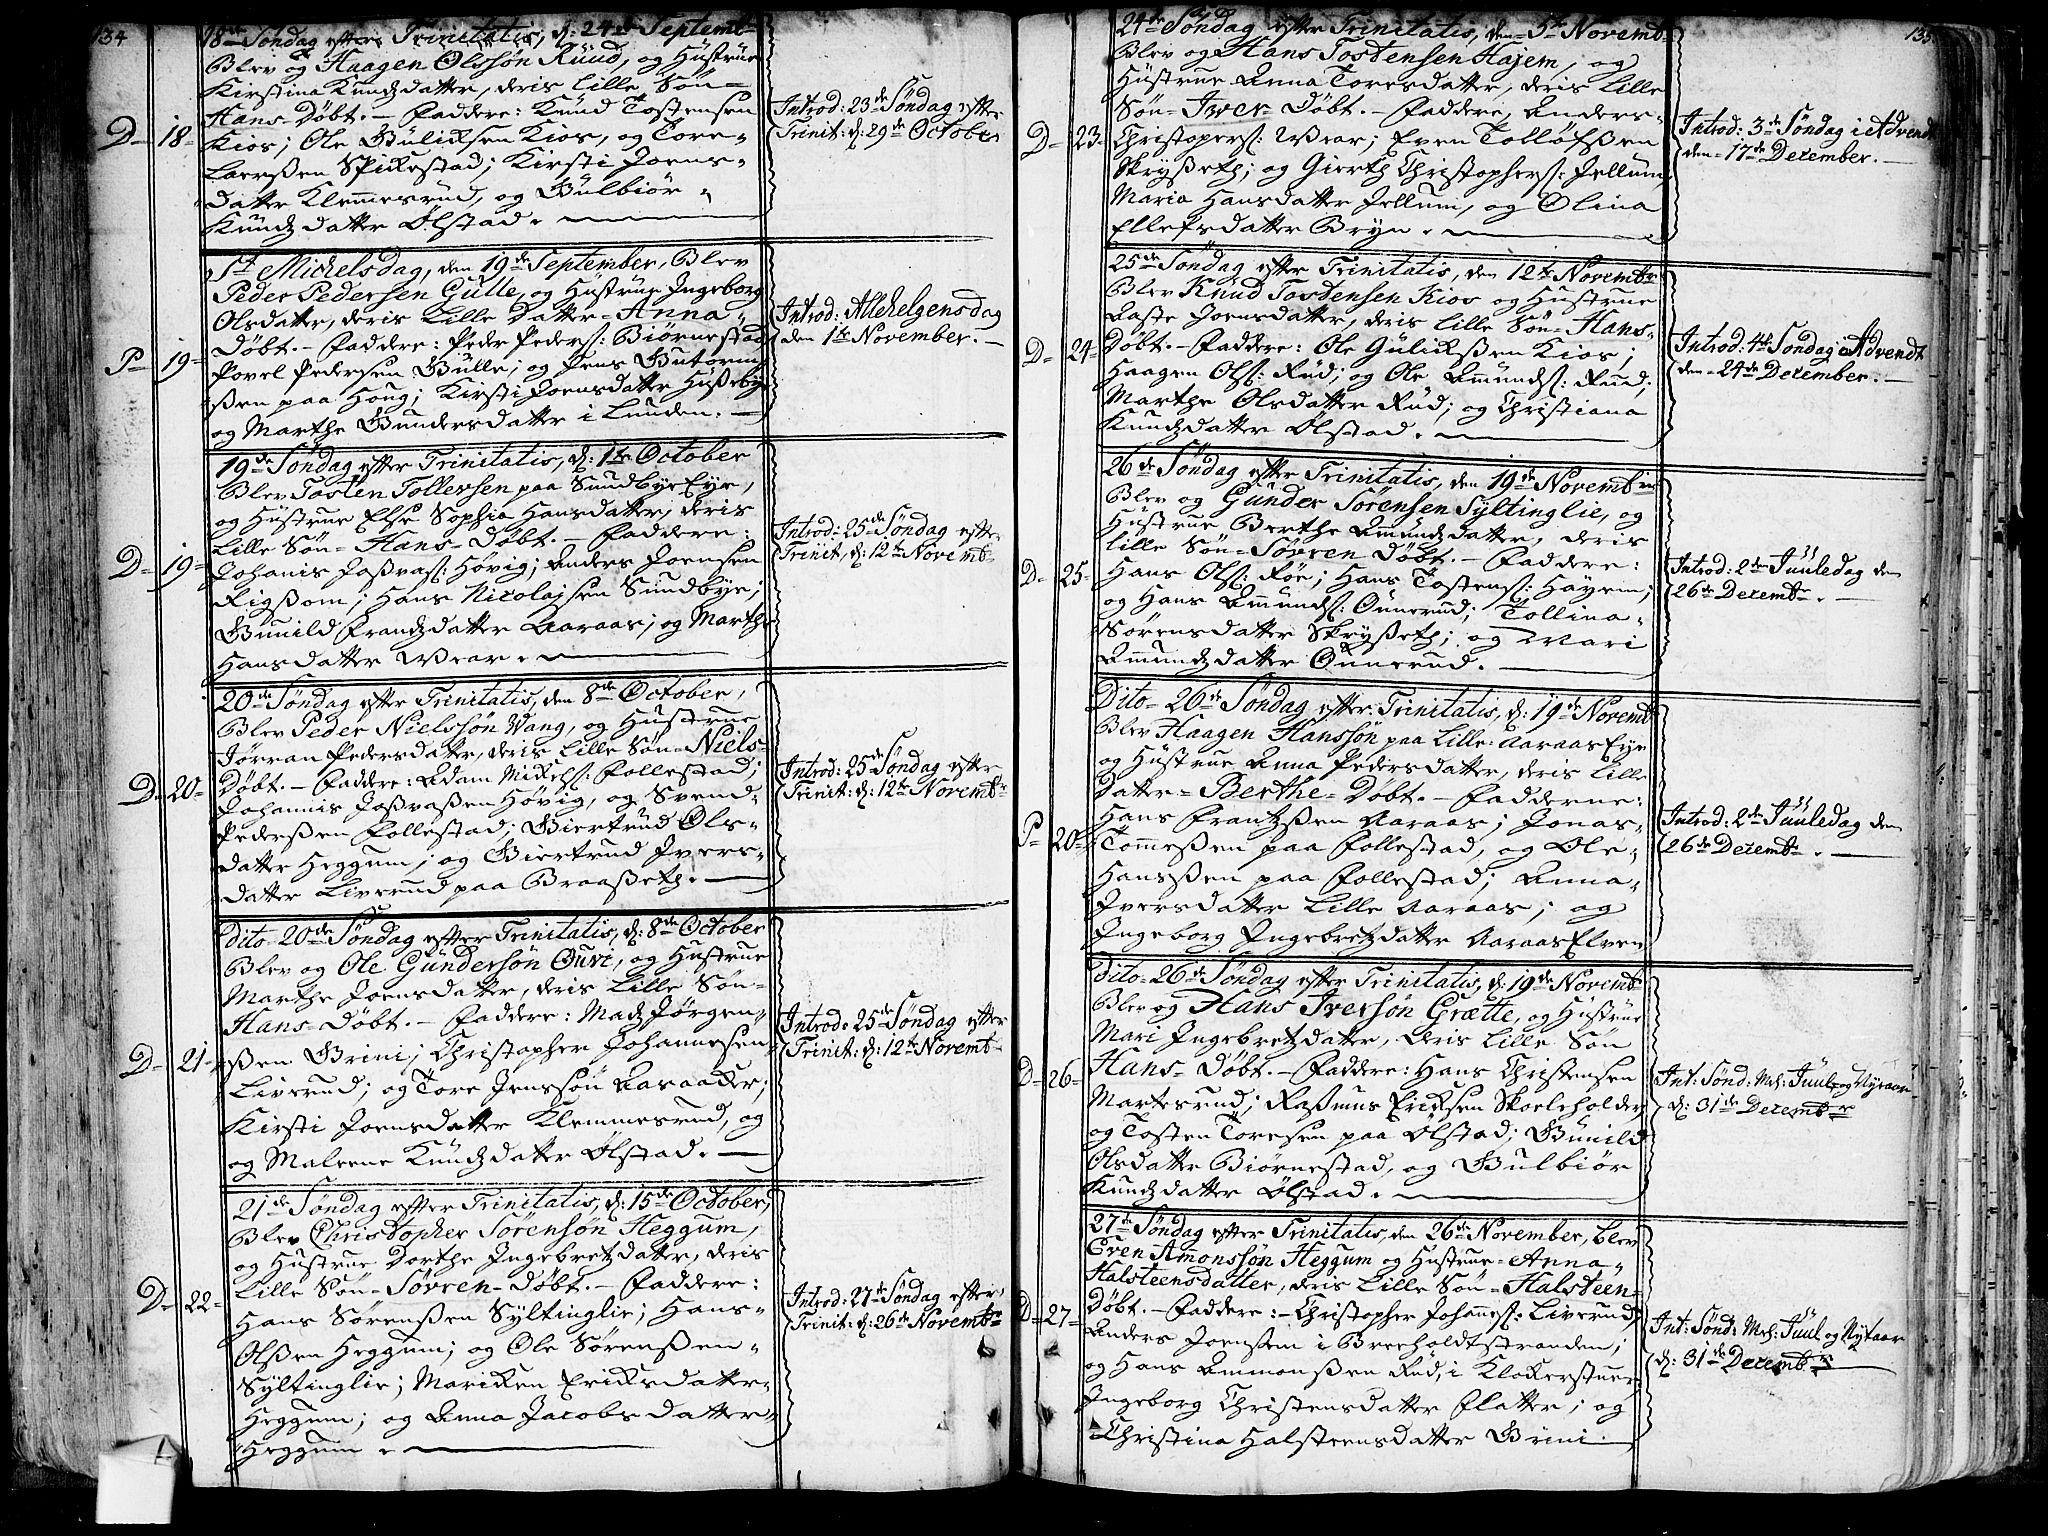 SAKO, Røyken kirkebøker, G/Ga/L0001: Klokkerbok nr. 1, 1740-1768, s. 134-135